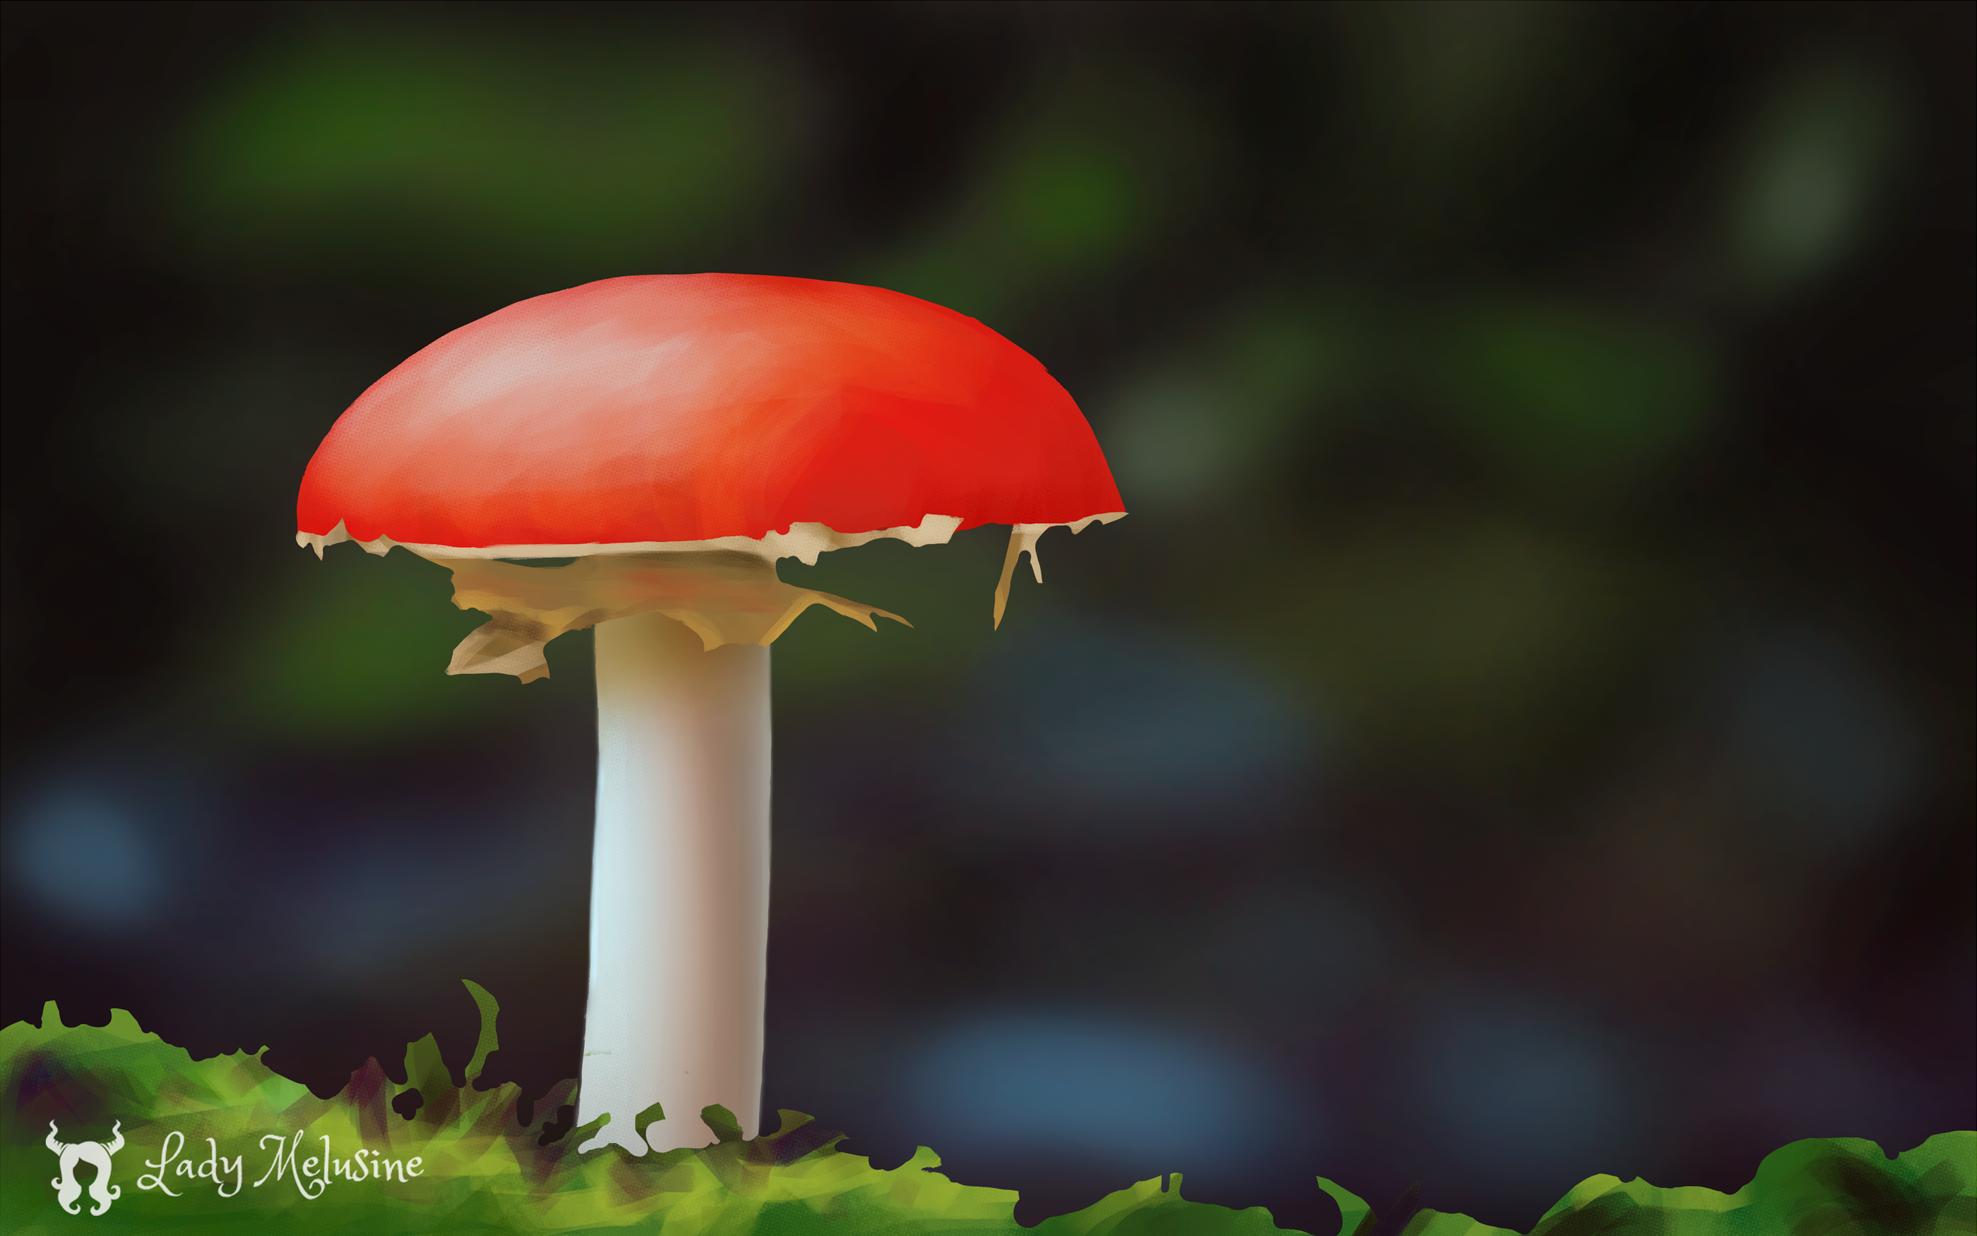 Mushroom Lady Melusine Step 02